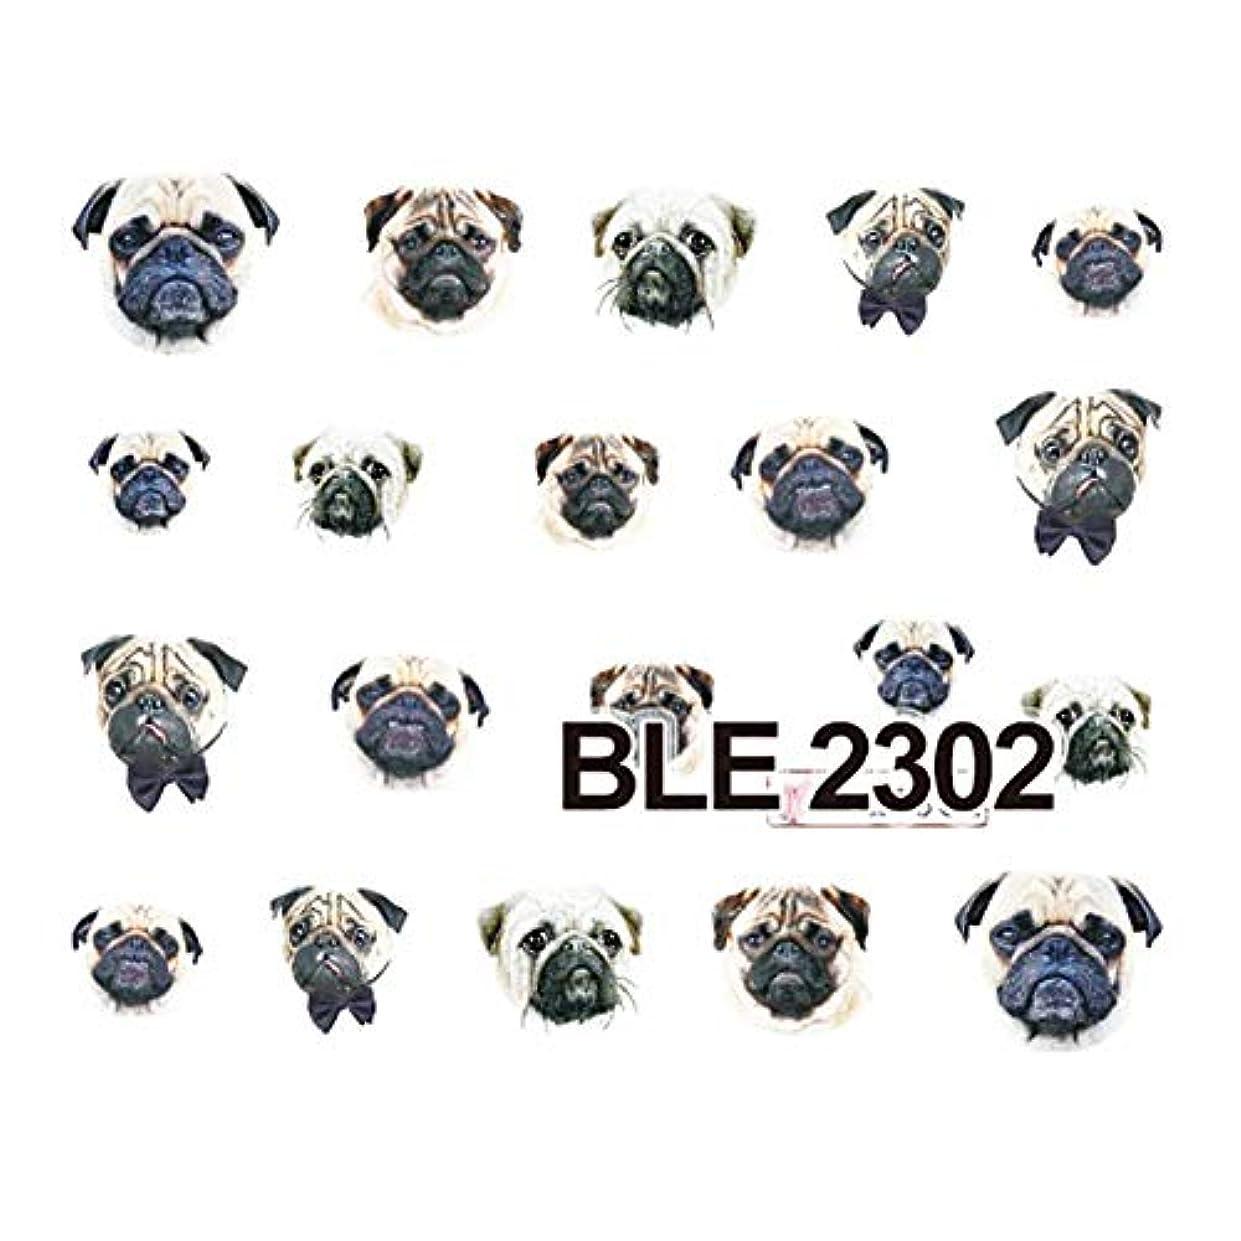 ネーピア火曜日リスLITI ネイルシール ラブリー 犬 リアル いぬ かわいい 犬 コーギー ネイルアート 動物 アニマル 実写 転送ネイルアートステッカー 異なるスタイル 動物犬 マニキュアペディキュアステッカー